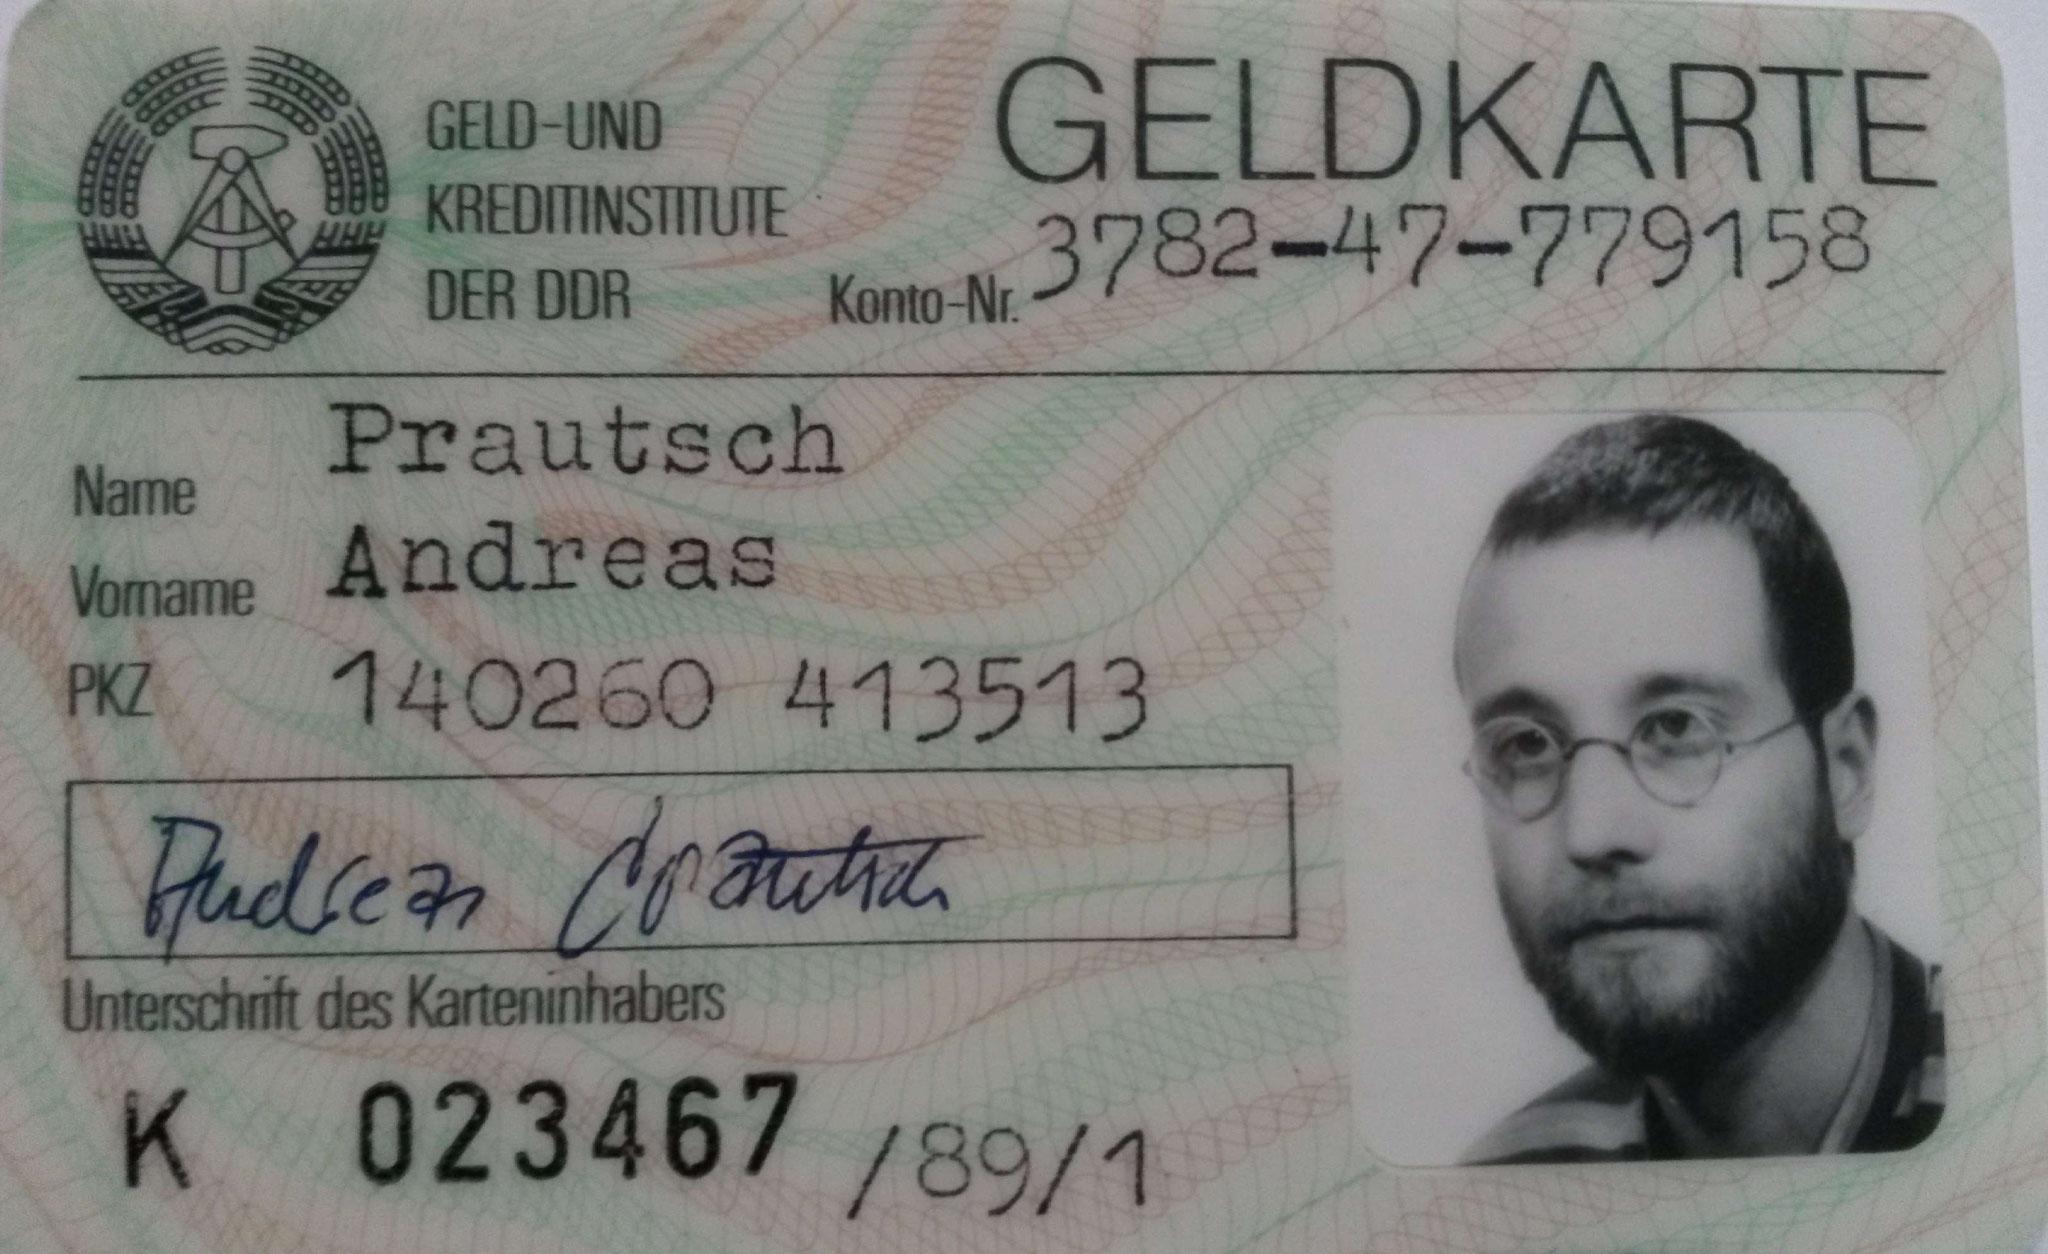 Halle (Saale) hat vor 1989 eigene Geldkarten in Umlauf gebracht. Mit Bild zwar, dafür jedoch mit nur dürftiger Dienstleistungsqualität!